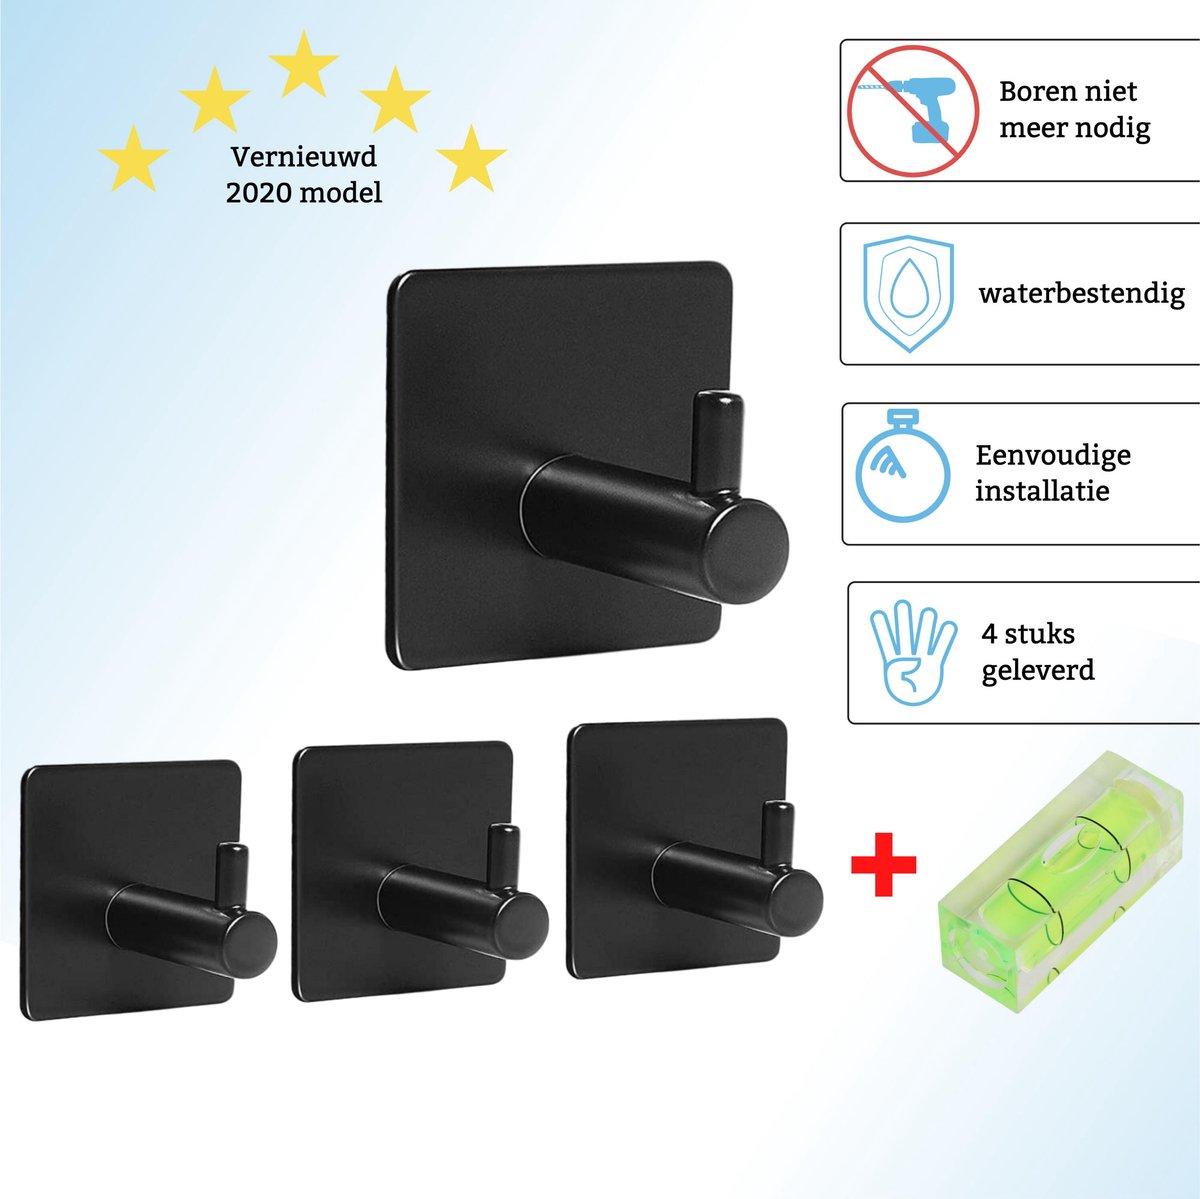 Handdoekhaakjes - 5 Jaar Garantie - Geschikt voor Badkamer/Keuken/Toilet - Zelfklevend - RVS - Mat Zwart - Industrieel - Stijlvol - Handdoekhouder - Ophanghaakjes - Handdoekrek - Handdoek Haakjes -